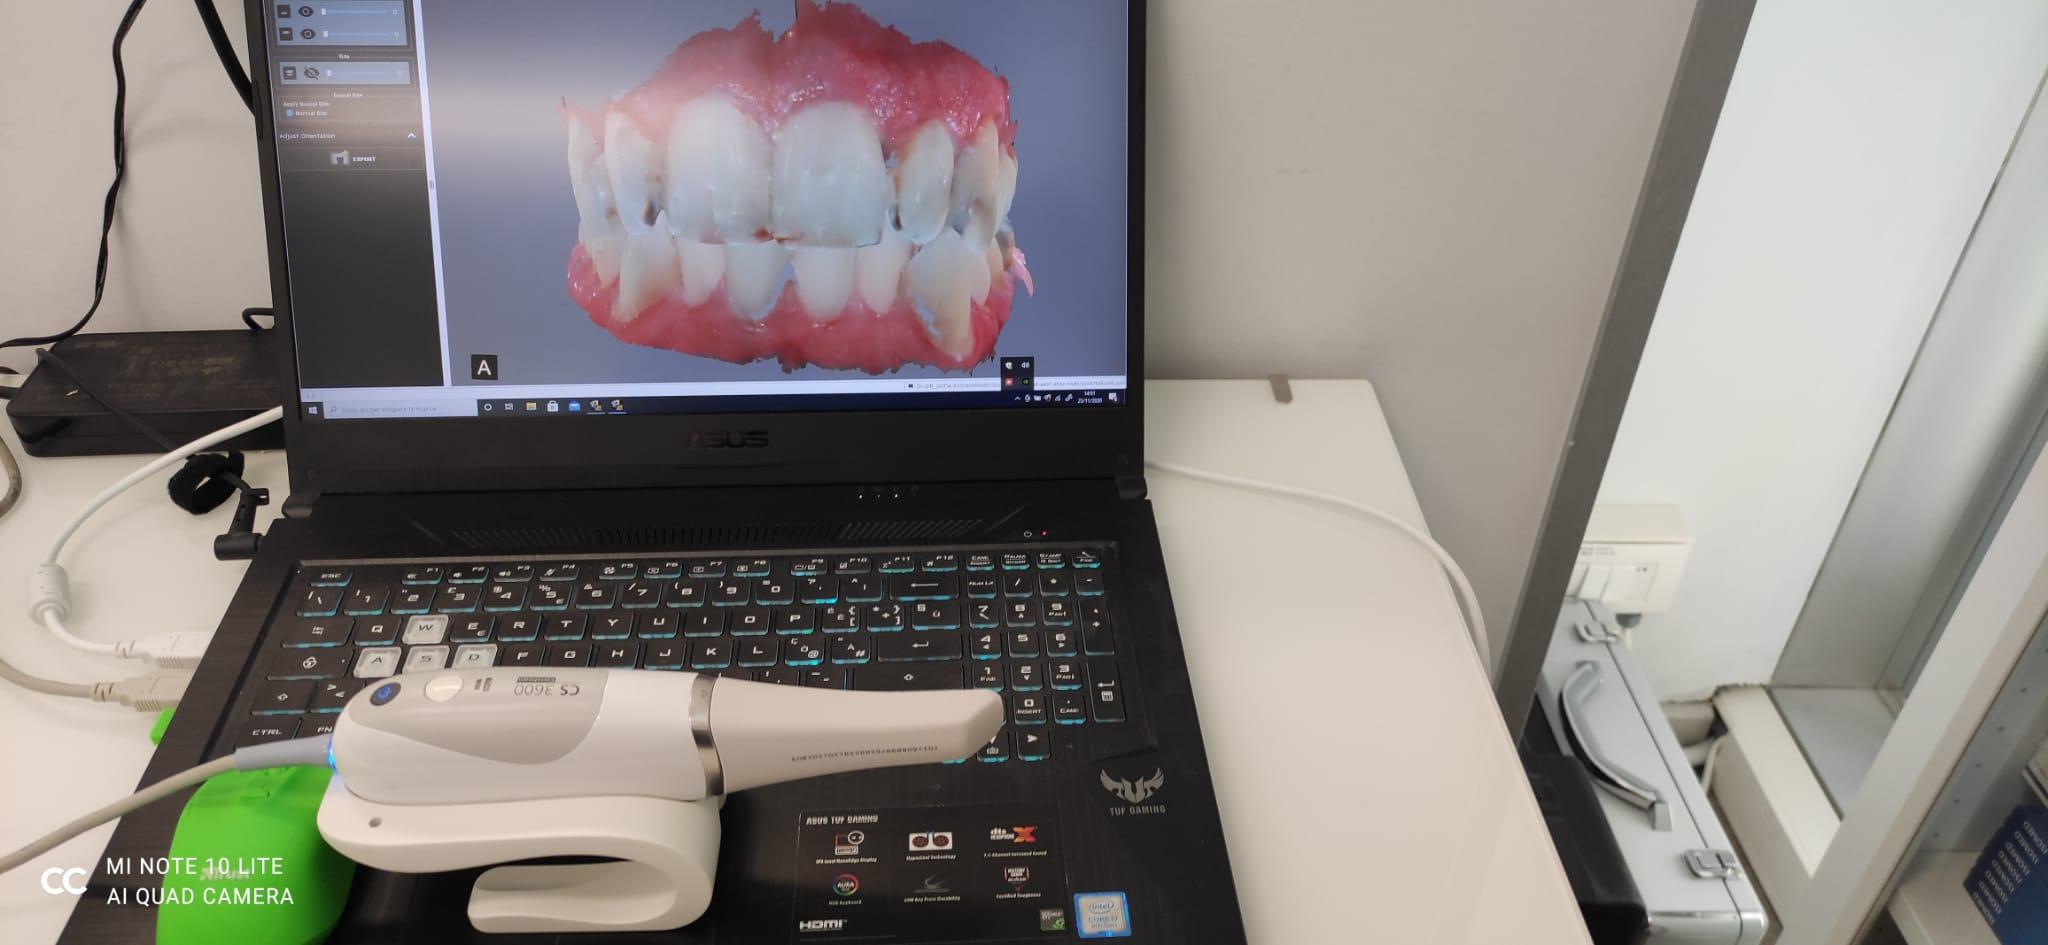 Agevolazioni Impianti Dentali con il Centro Dentale Parmense a Parma e Provincia: non occorre andare fuori Italia!